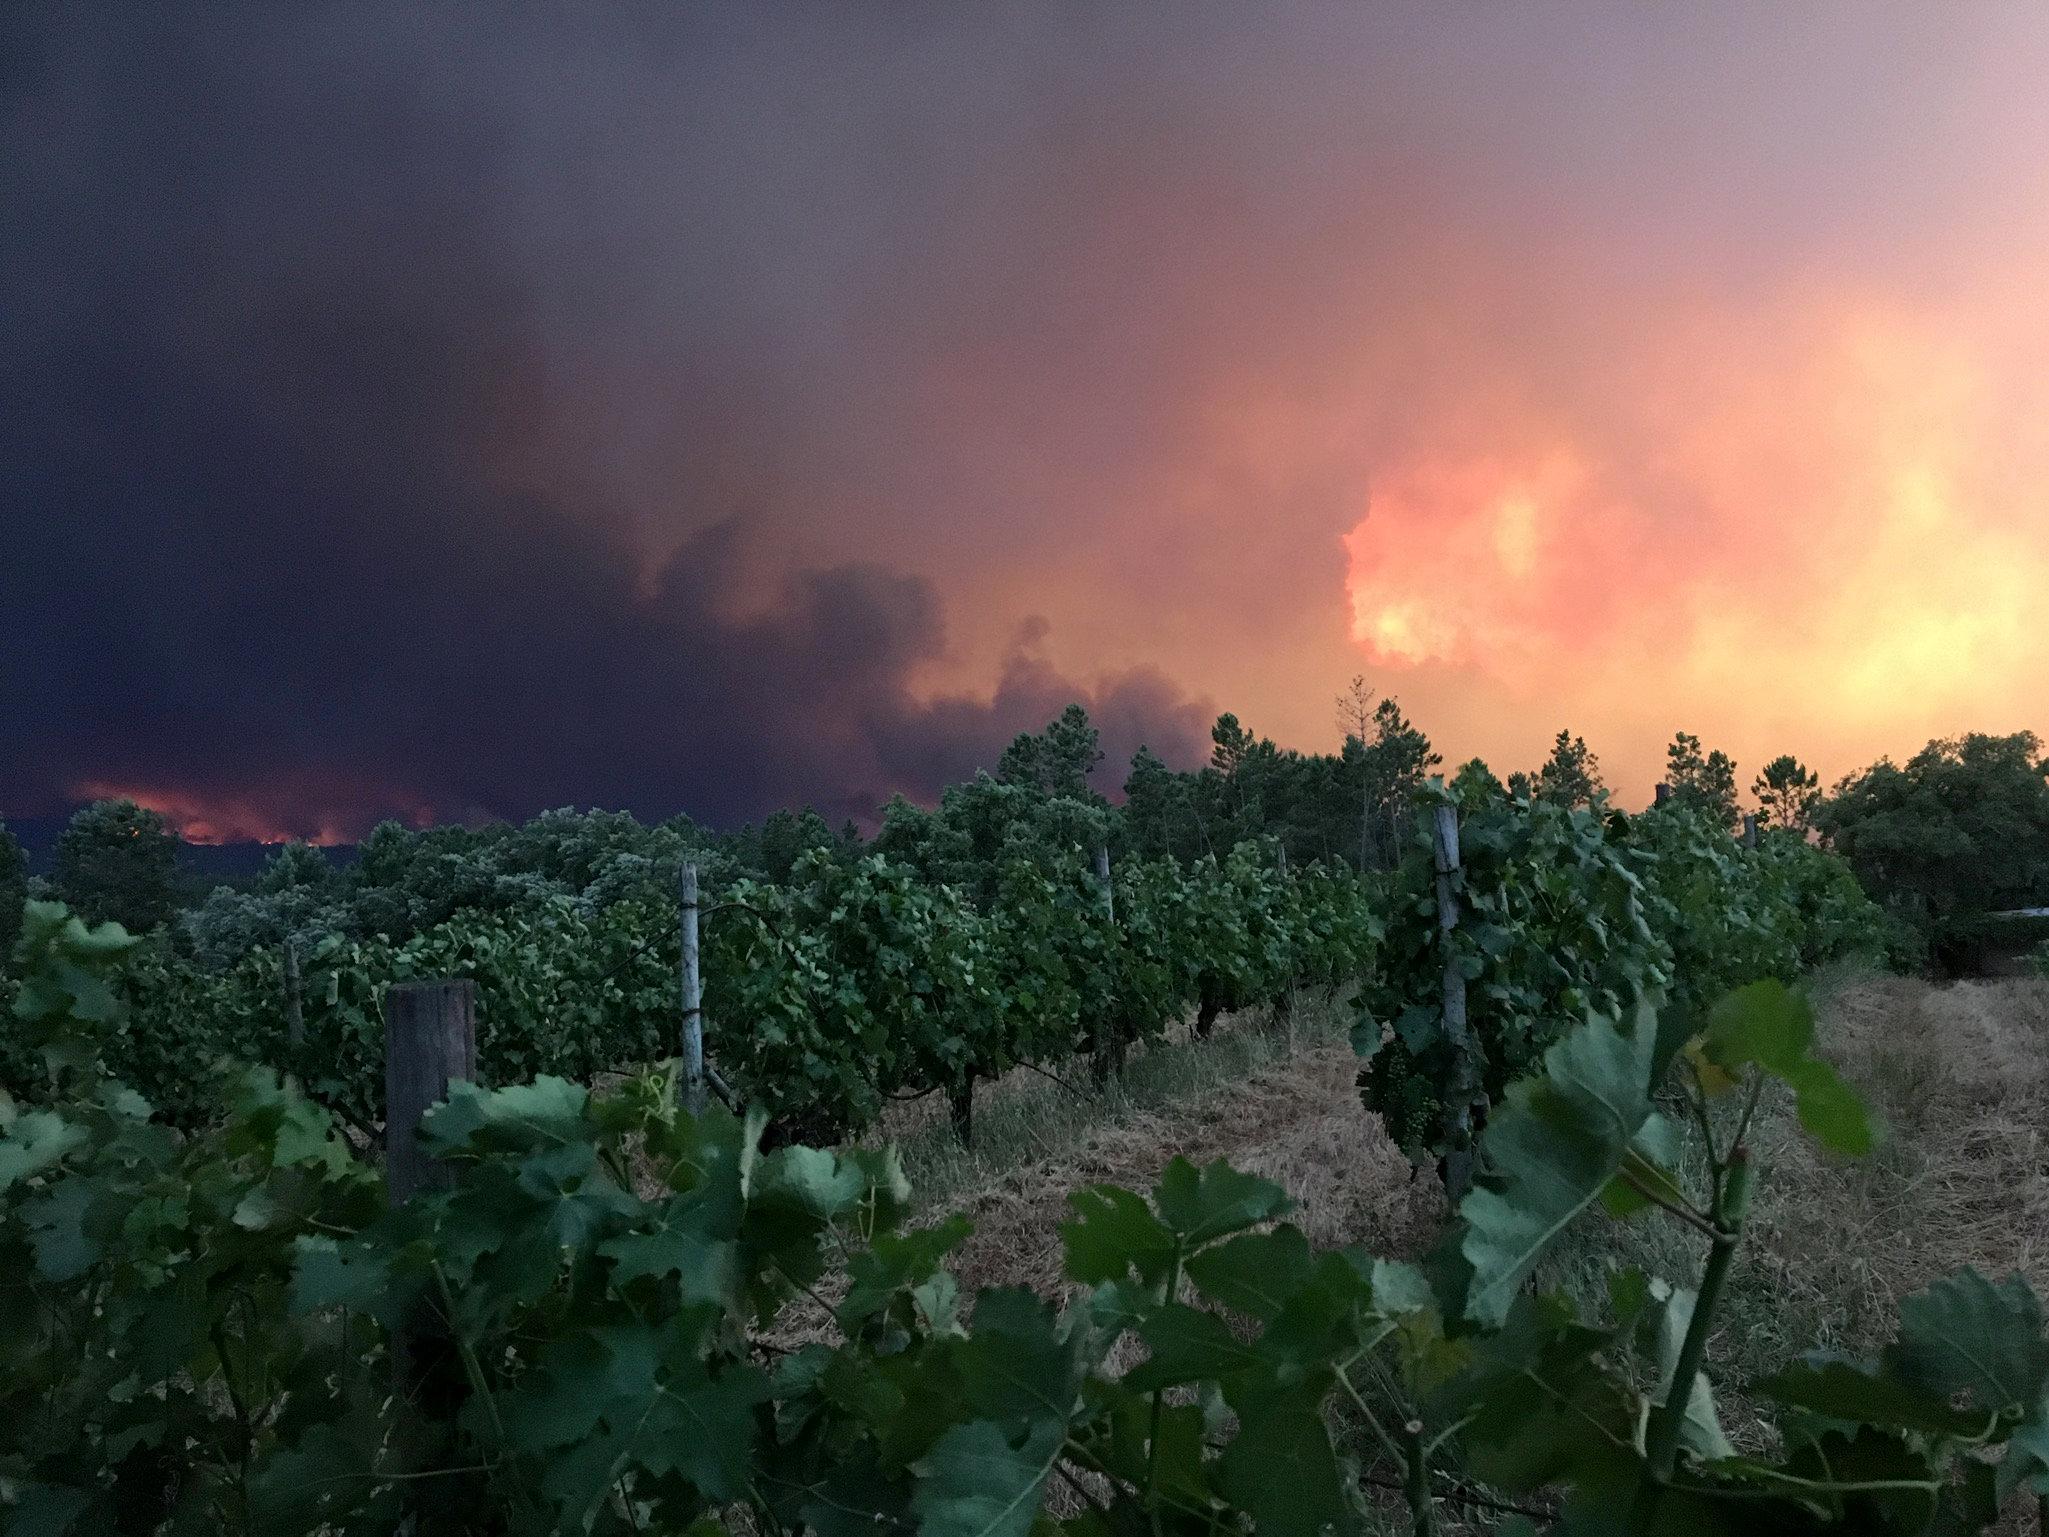 النيران تعلو فى سماء البرتغال